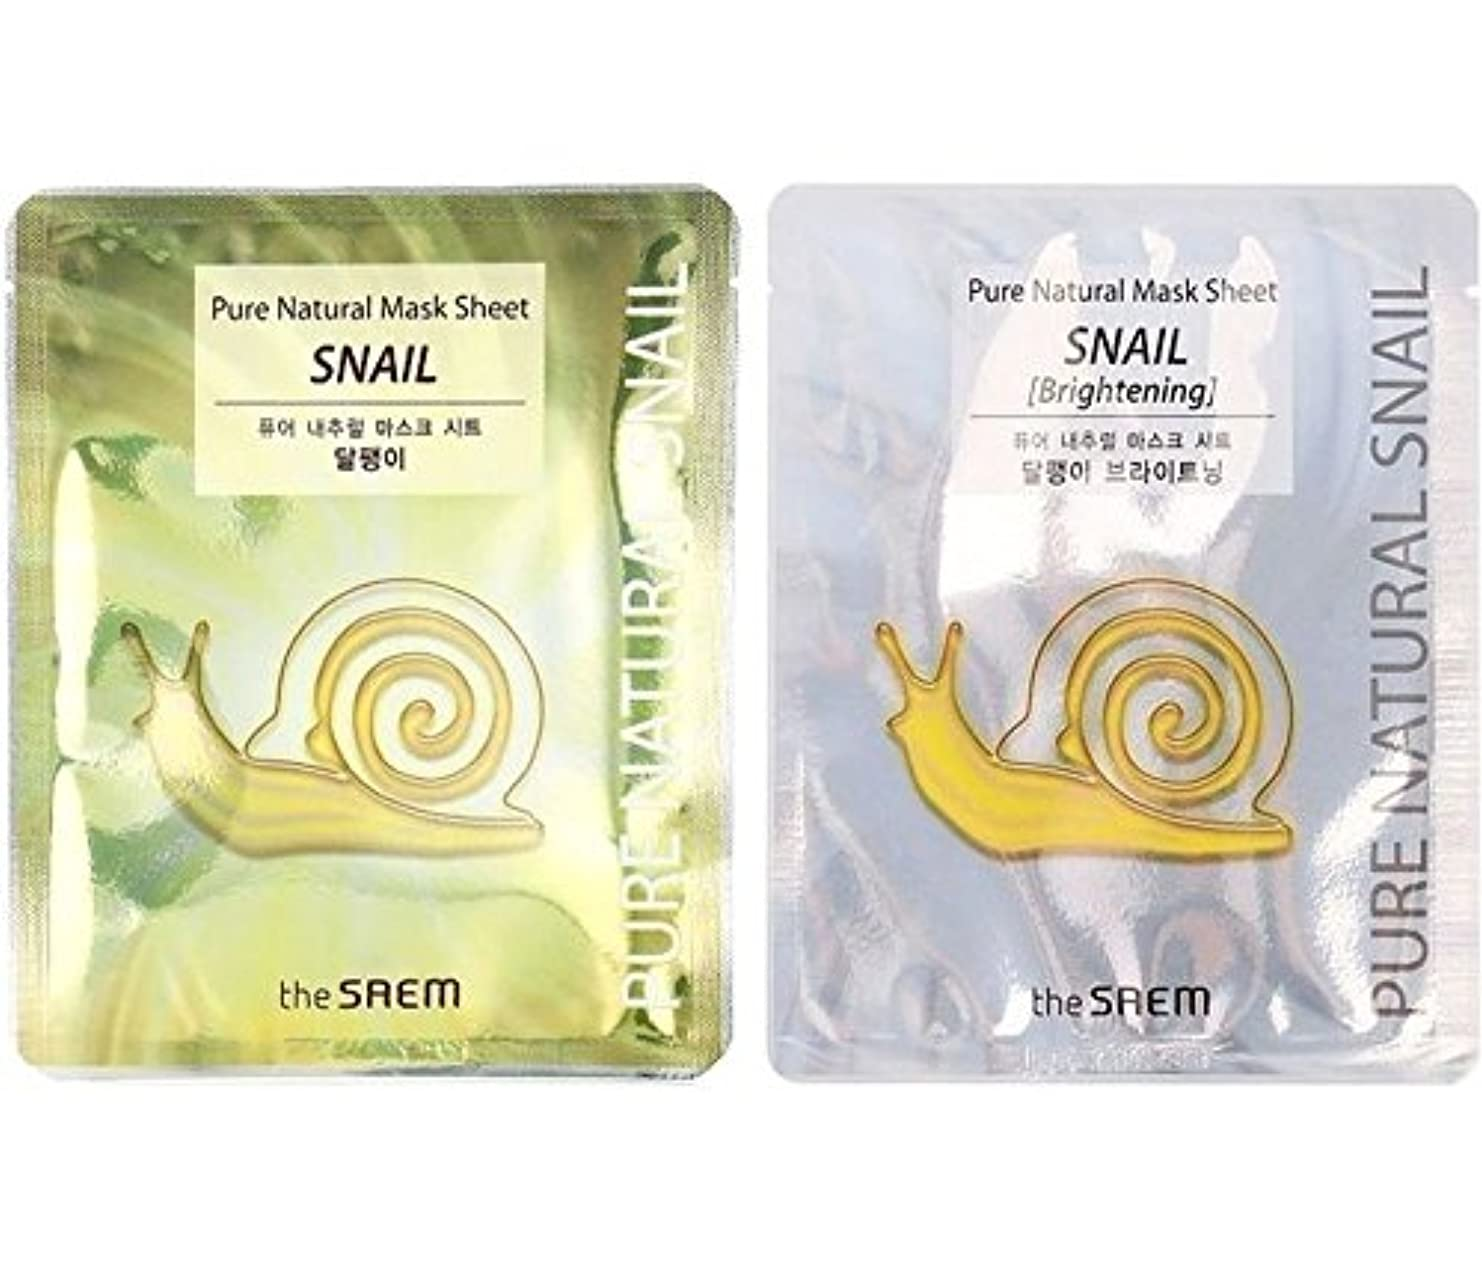 感心するフェッチ宙返り(ザセム) The Saem 韓国マスクパックカタツムリ20枚セット(10+10) ピュアナチュラルマスクシートスネイルブライトニング Pure Natural Mask Sheet Snail Brightening...